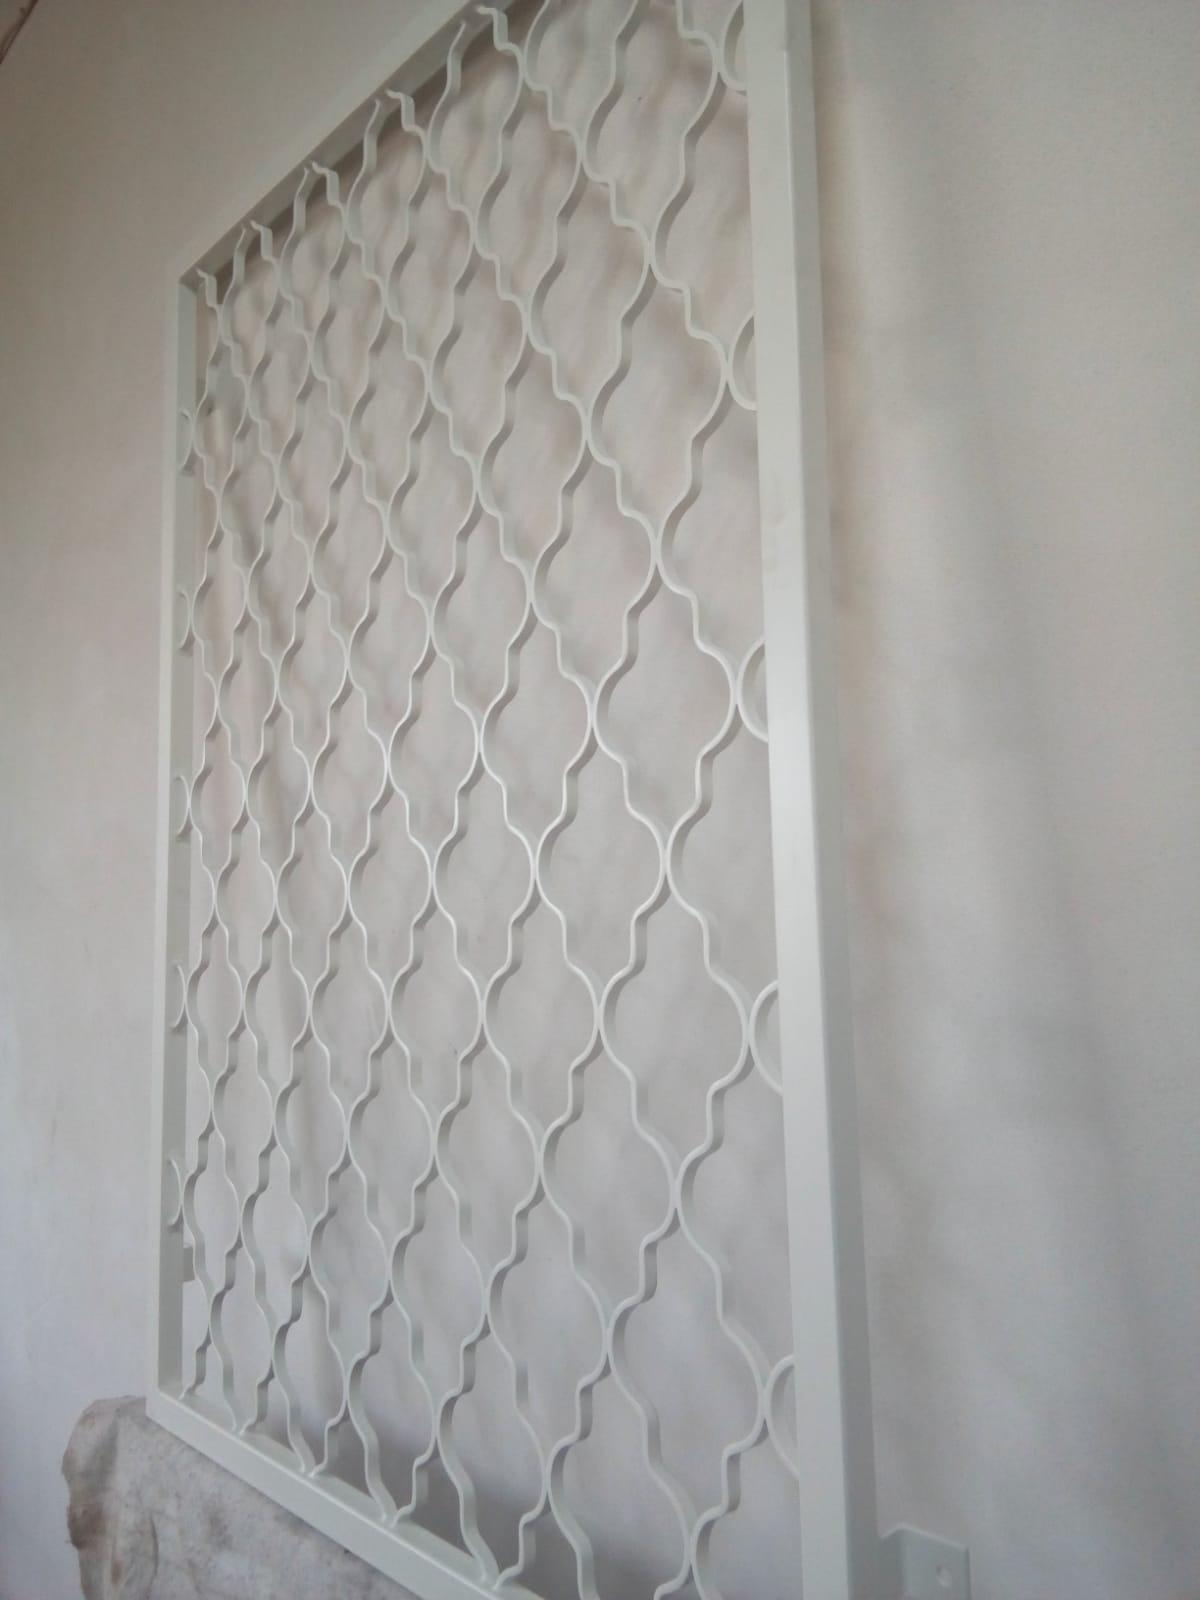 Fenstergitter181009-WA0007